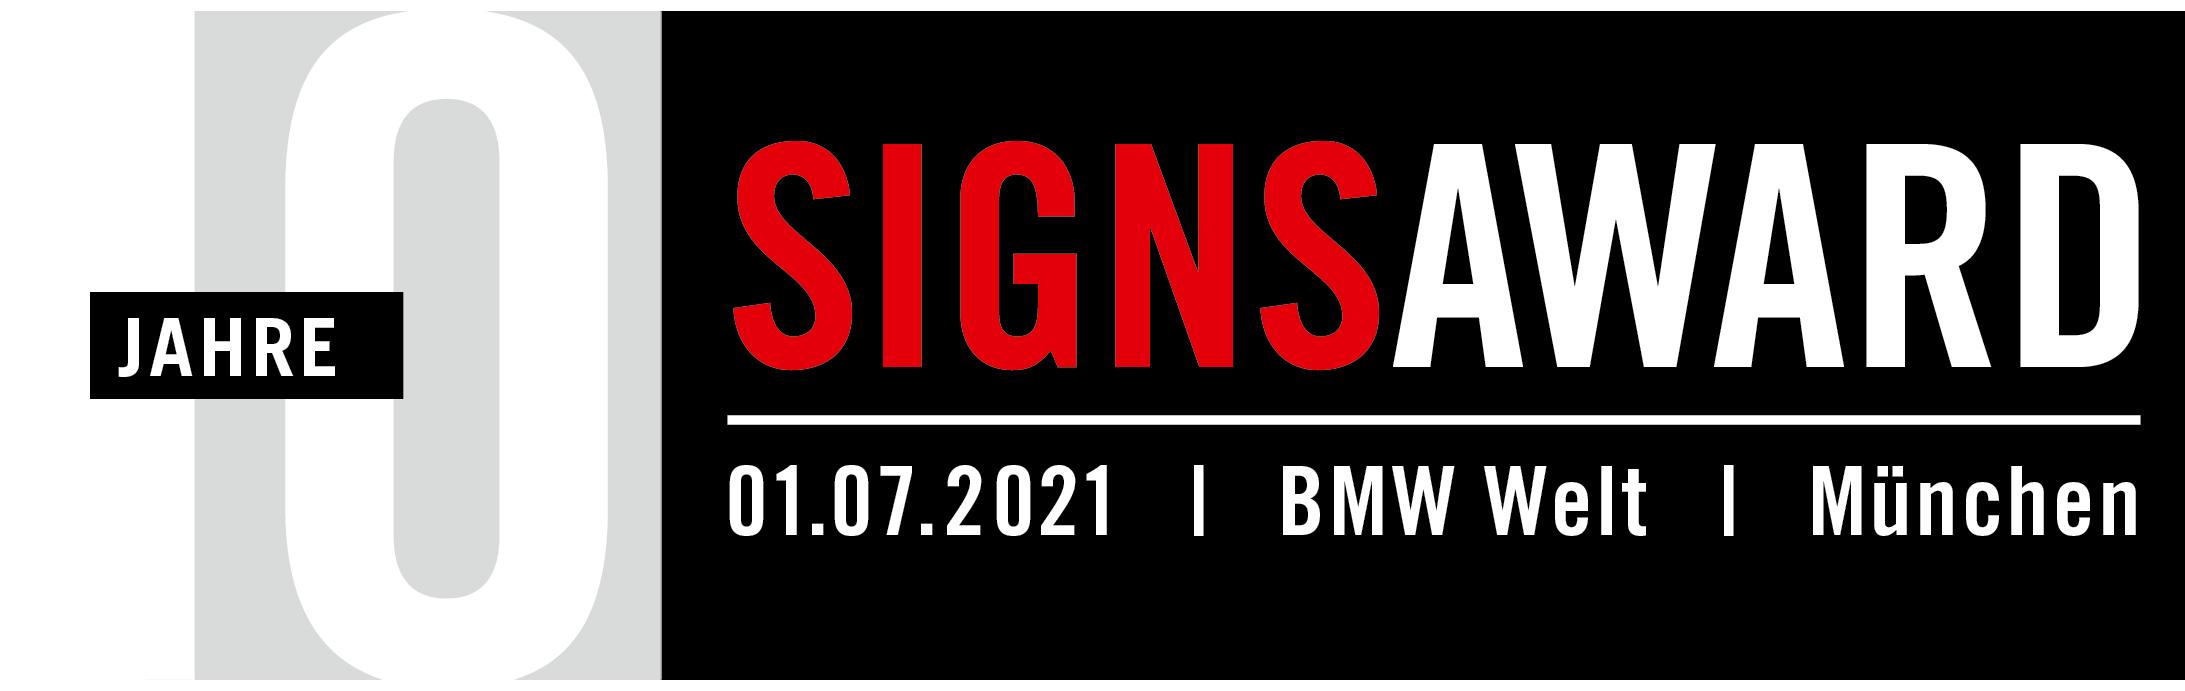 SignsAward 2021